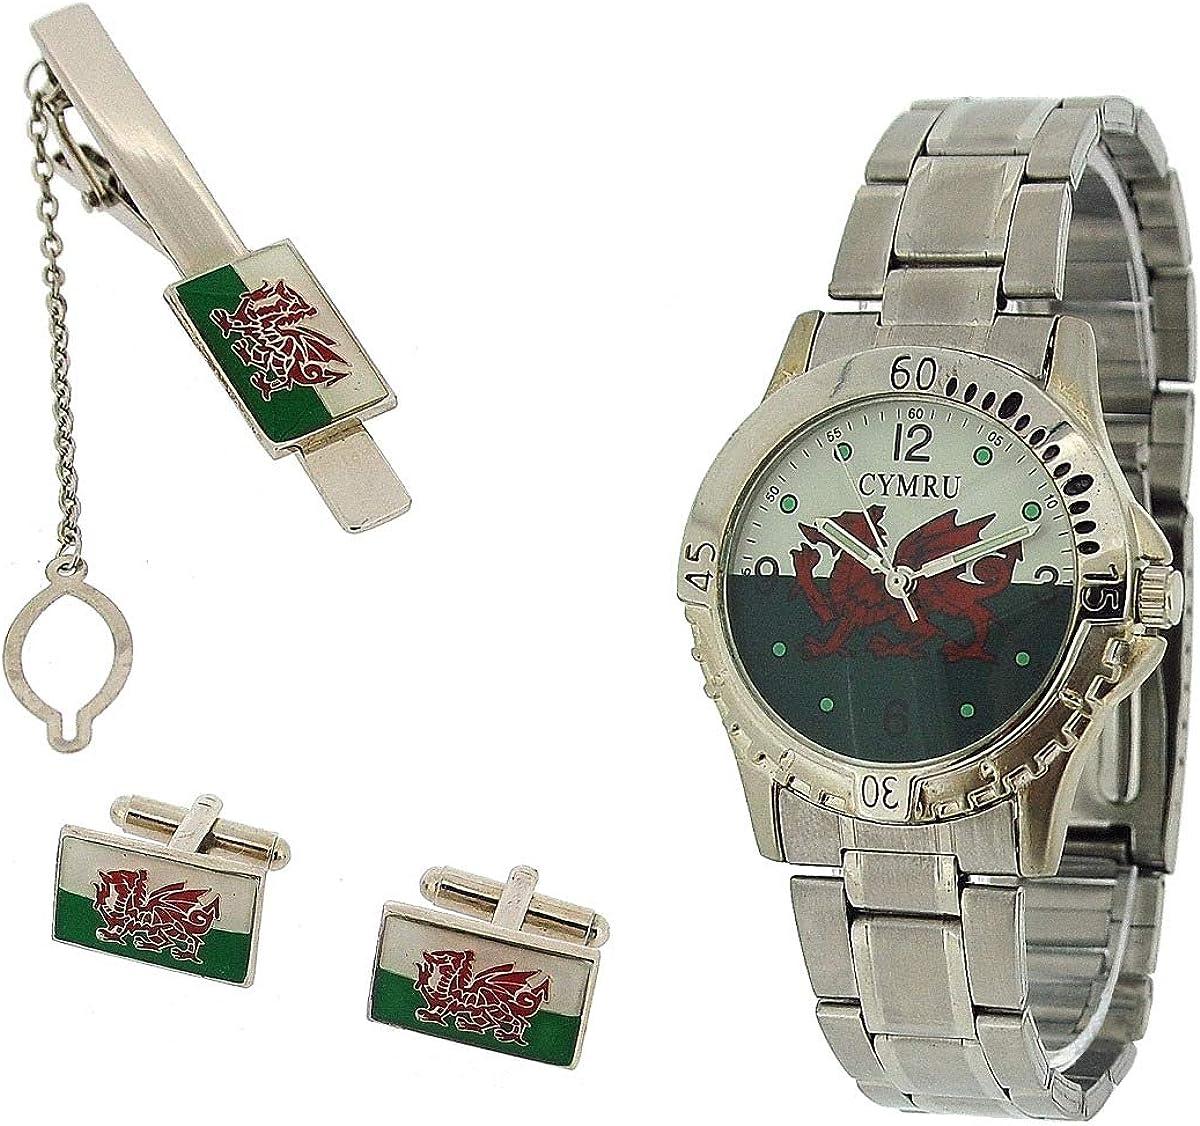 Boxx Juego de Regalo Para Caballero Gemelos Y Reloj Azul De Pulsera De Metal Bandera Gales CYMRU: Amazon.es: Relojes